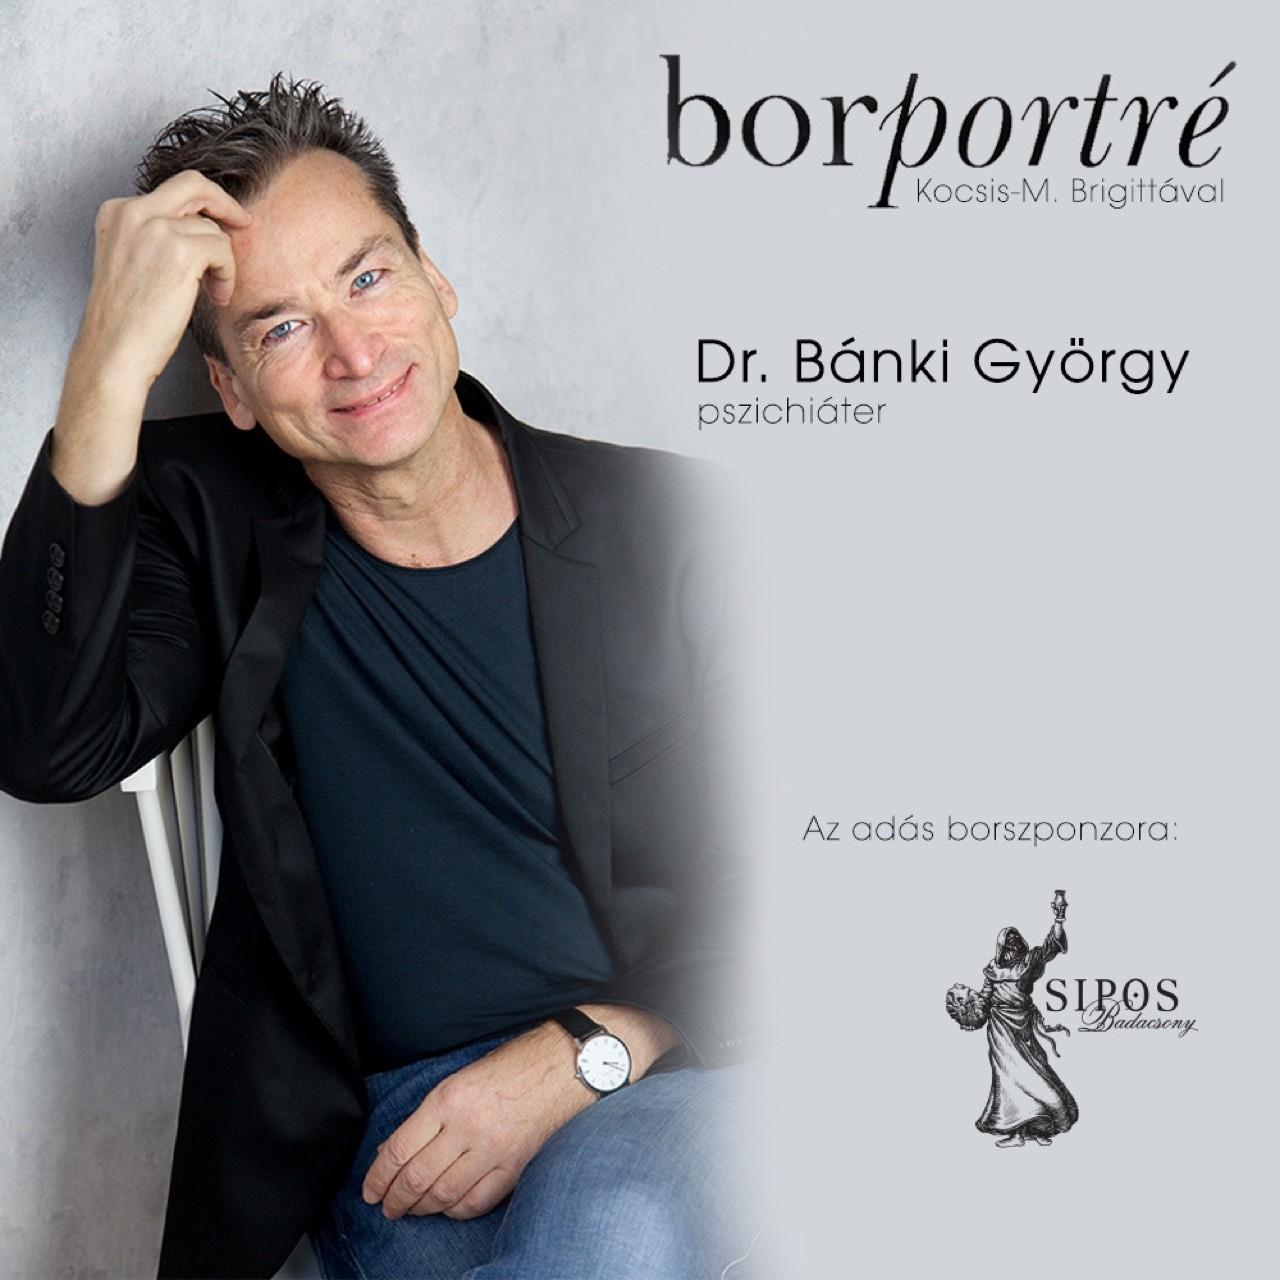 borportre_2020_10_28_banki_gyorgy_bantalmazo_kapcsolatok_sipos_kocka